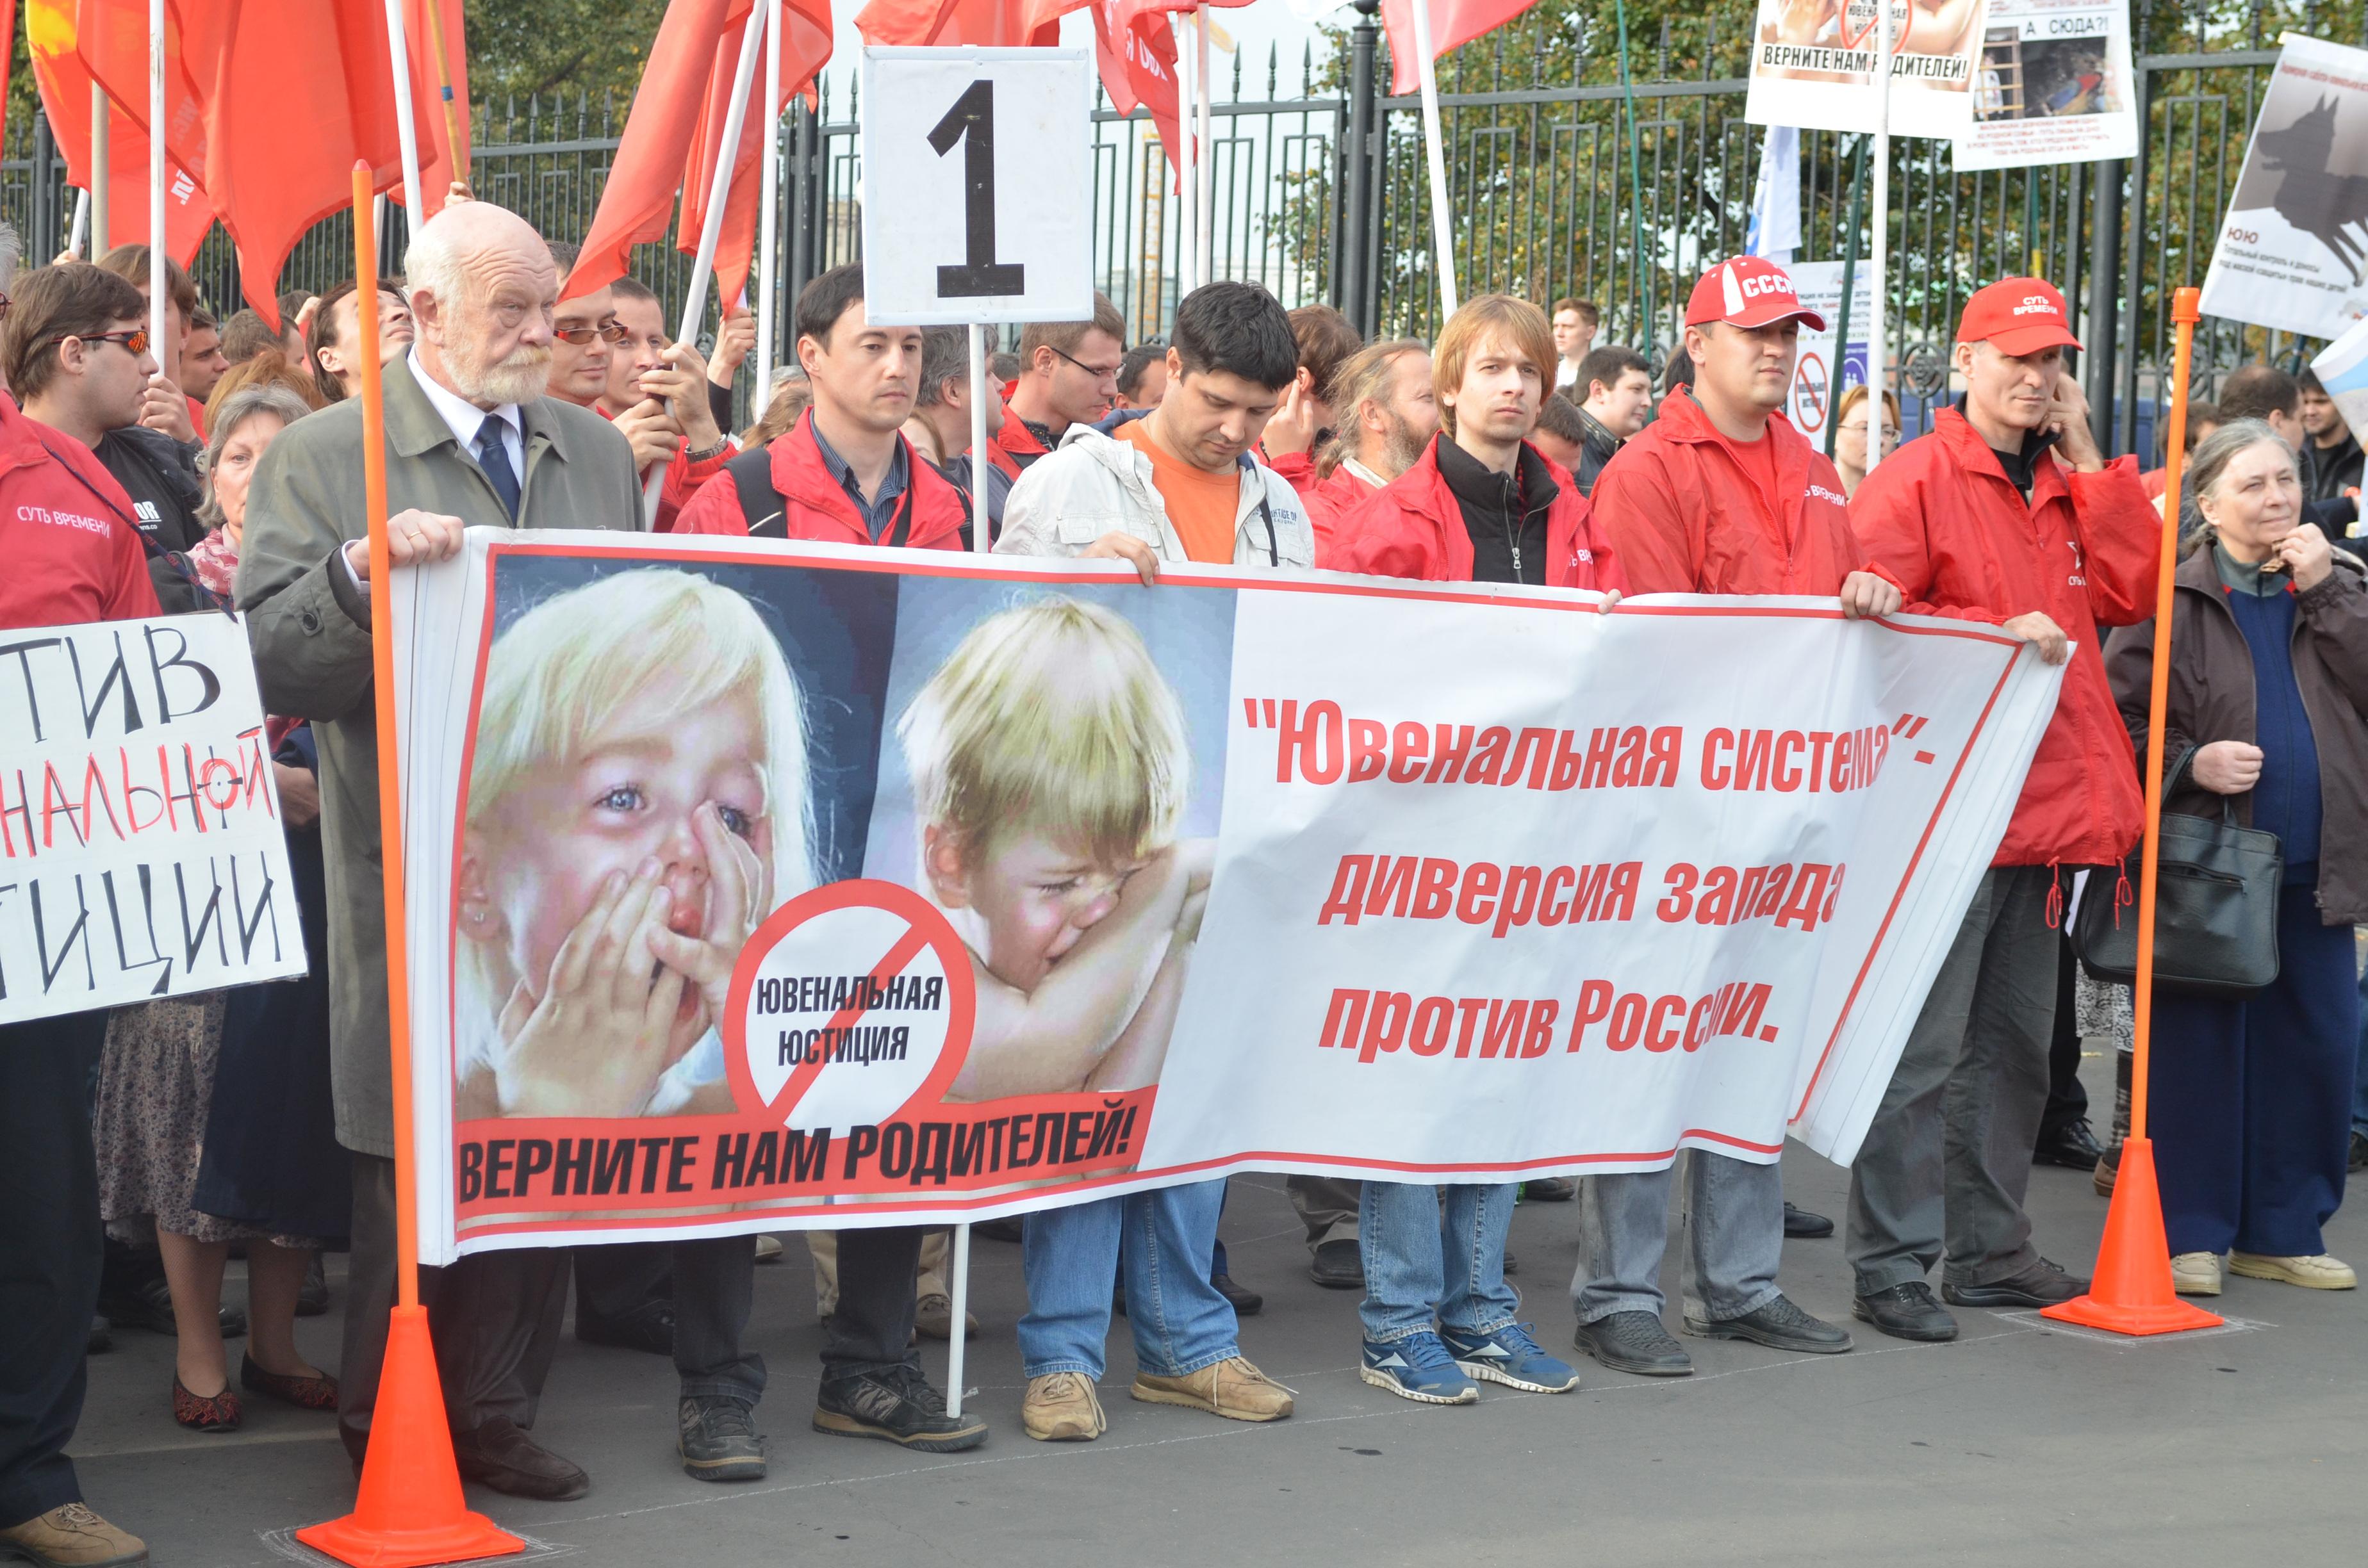 http://ic.pics.livejournal.com/na_krau/11161375/179879/179879_original.jpg